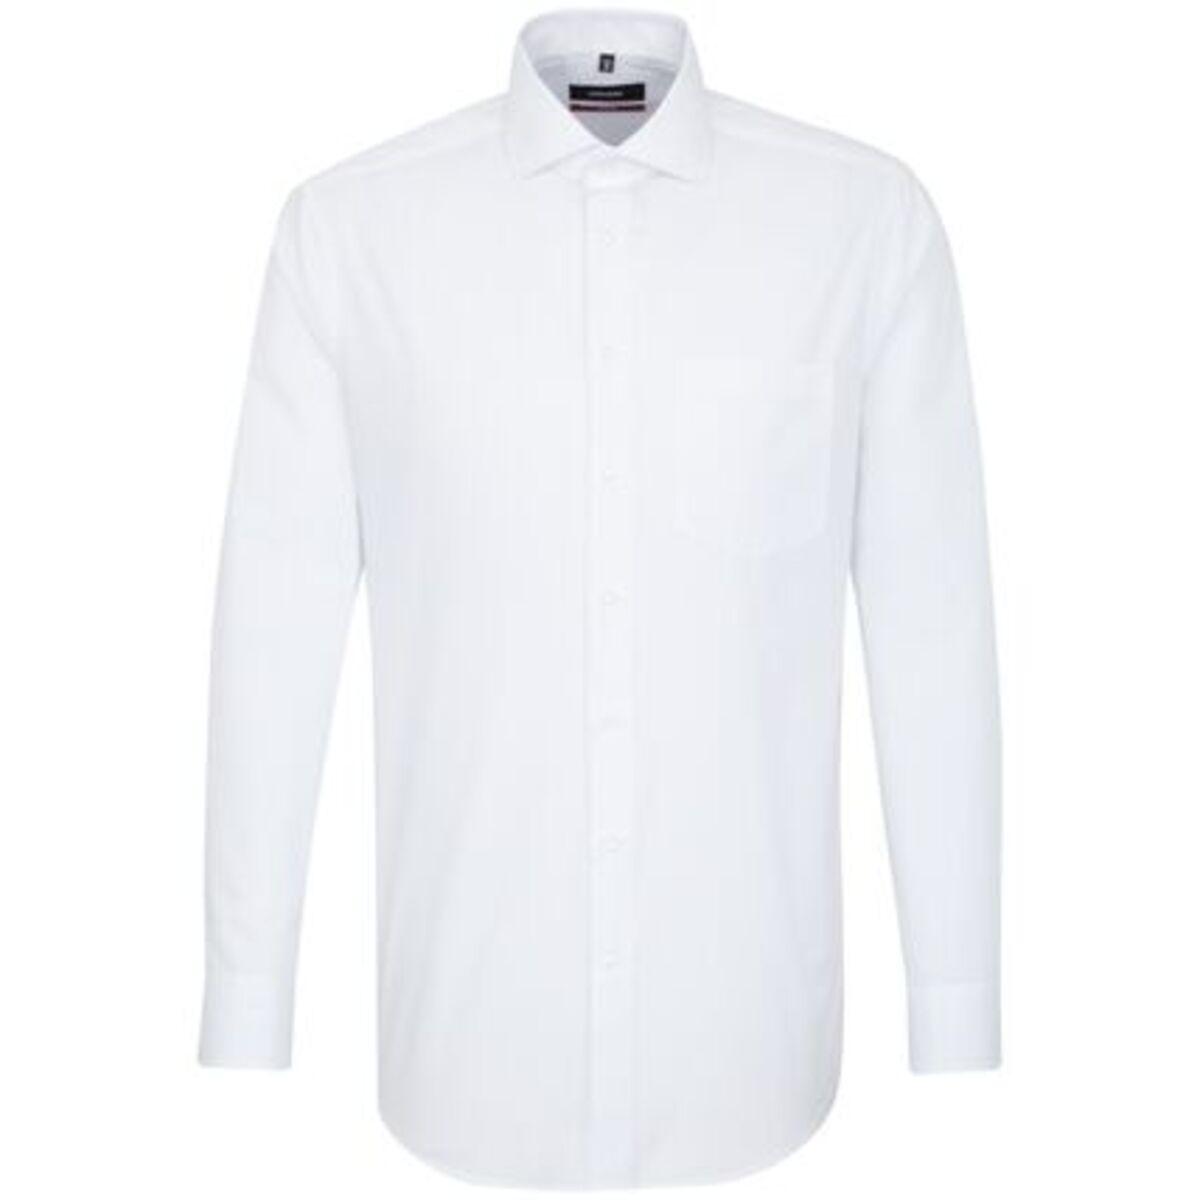 Bild 1 von Seidensticker Business Hemd Modern Langarm Kentkragen Punkte, blau